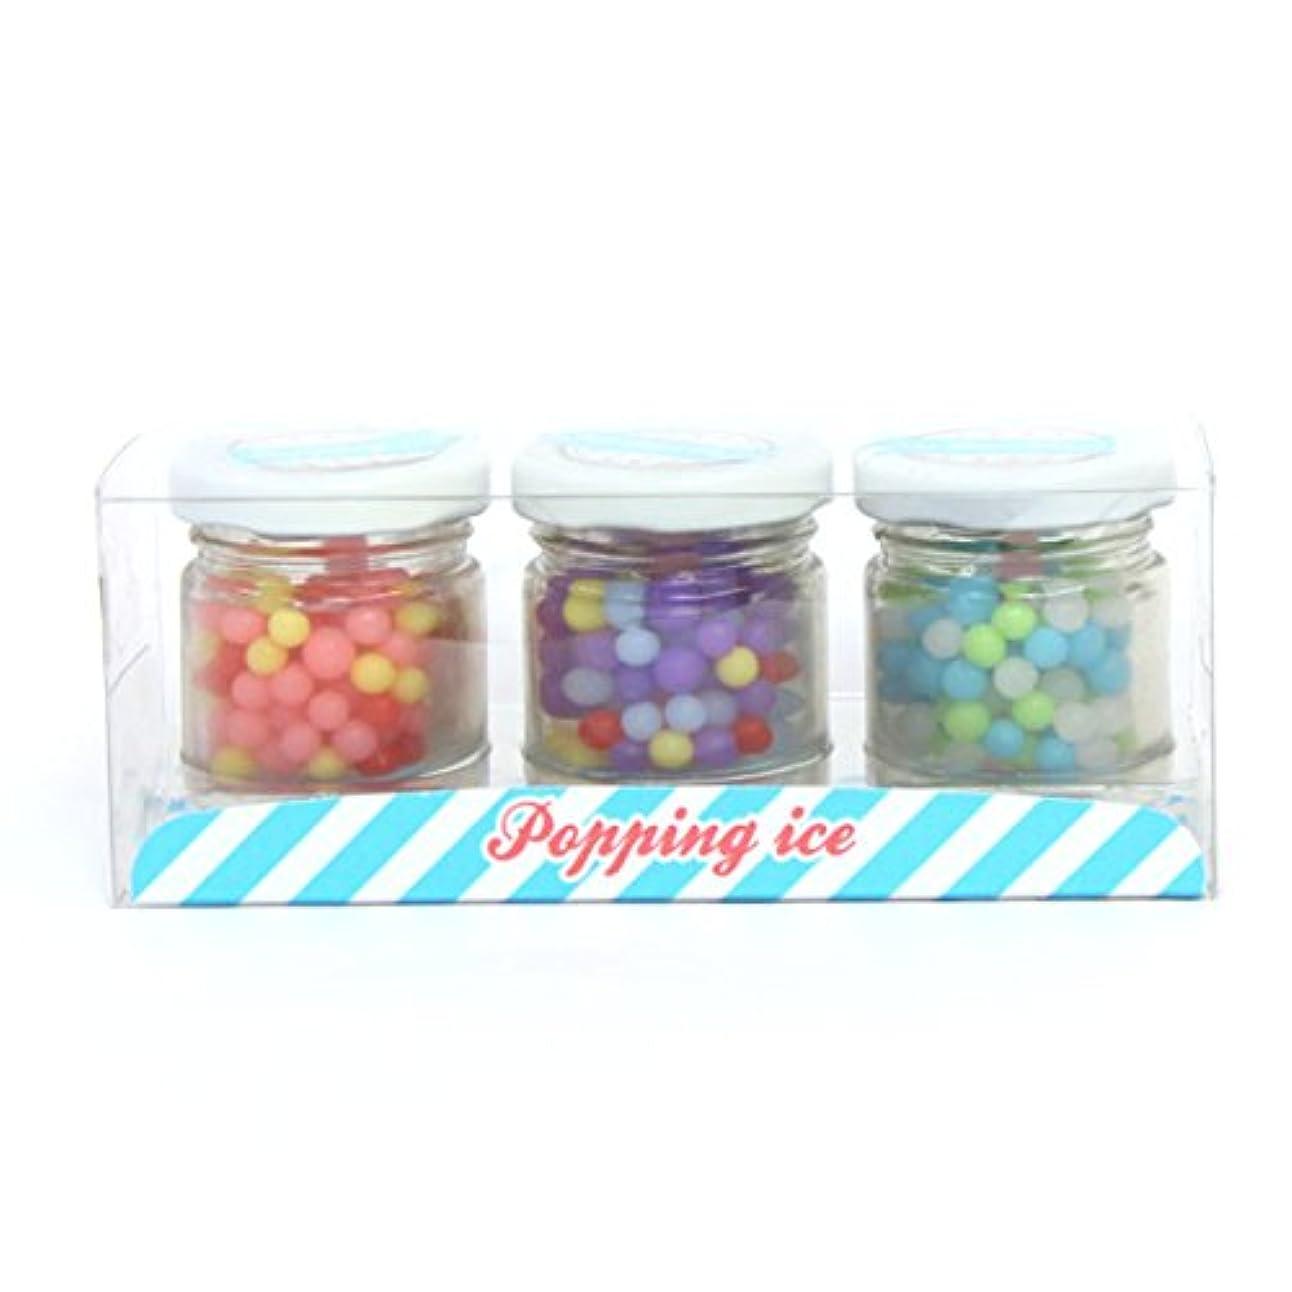 先にトラフ人種sweets candle(スイーツキャンドル) 【OUTLET】【アウトレット】つぶつぶアイス キャンドル 145×55×58 (outa3050000)